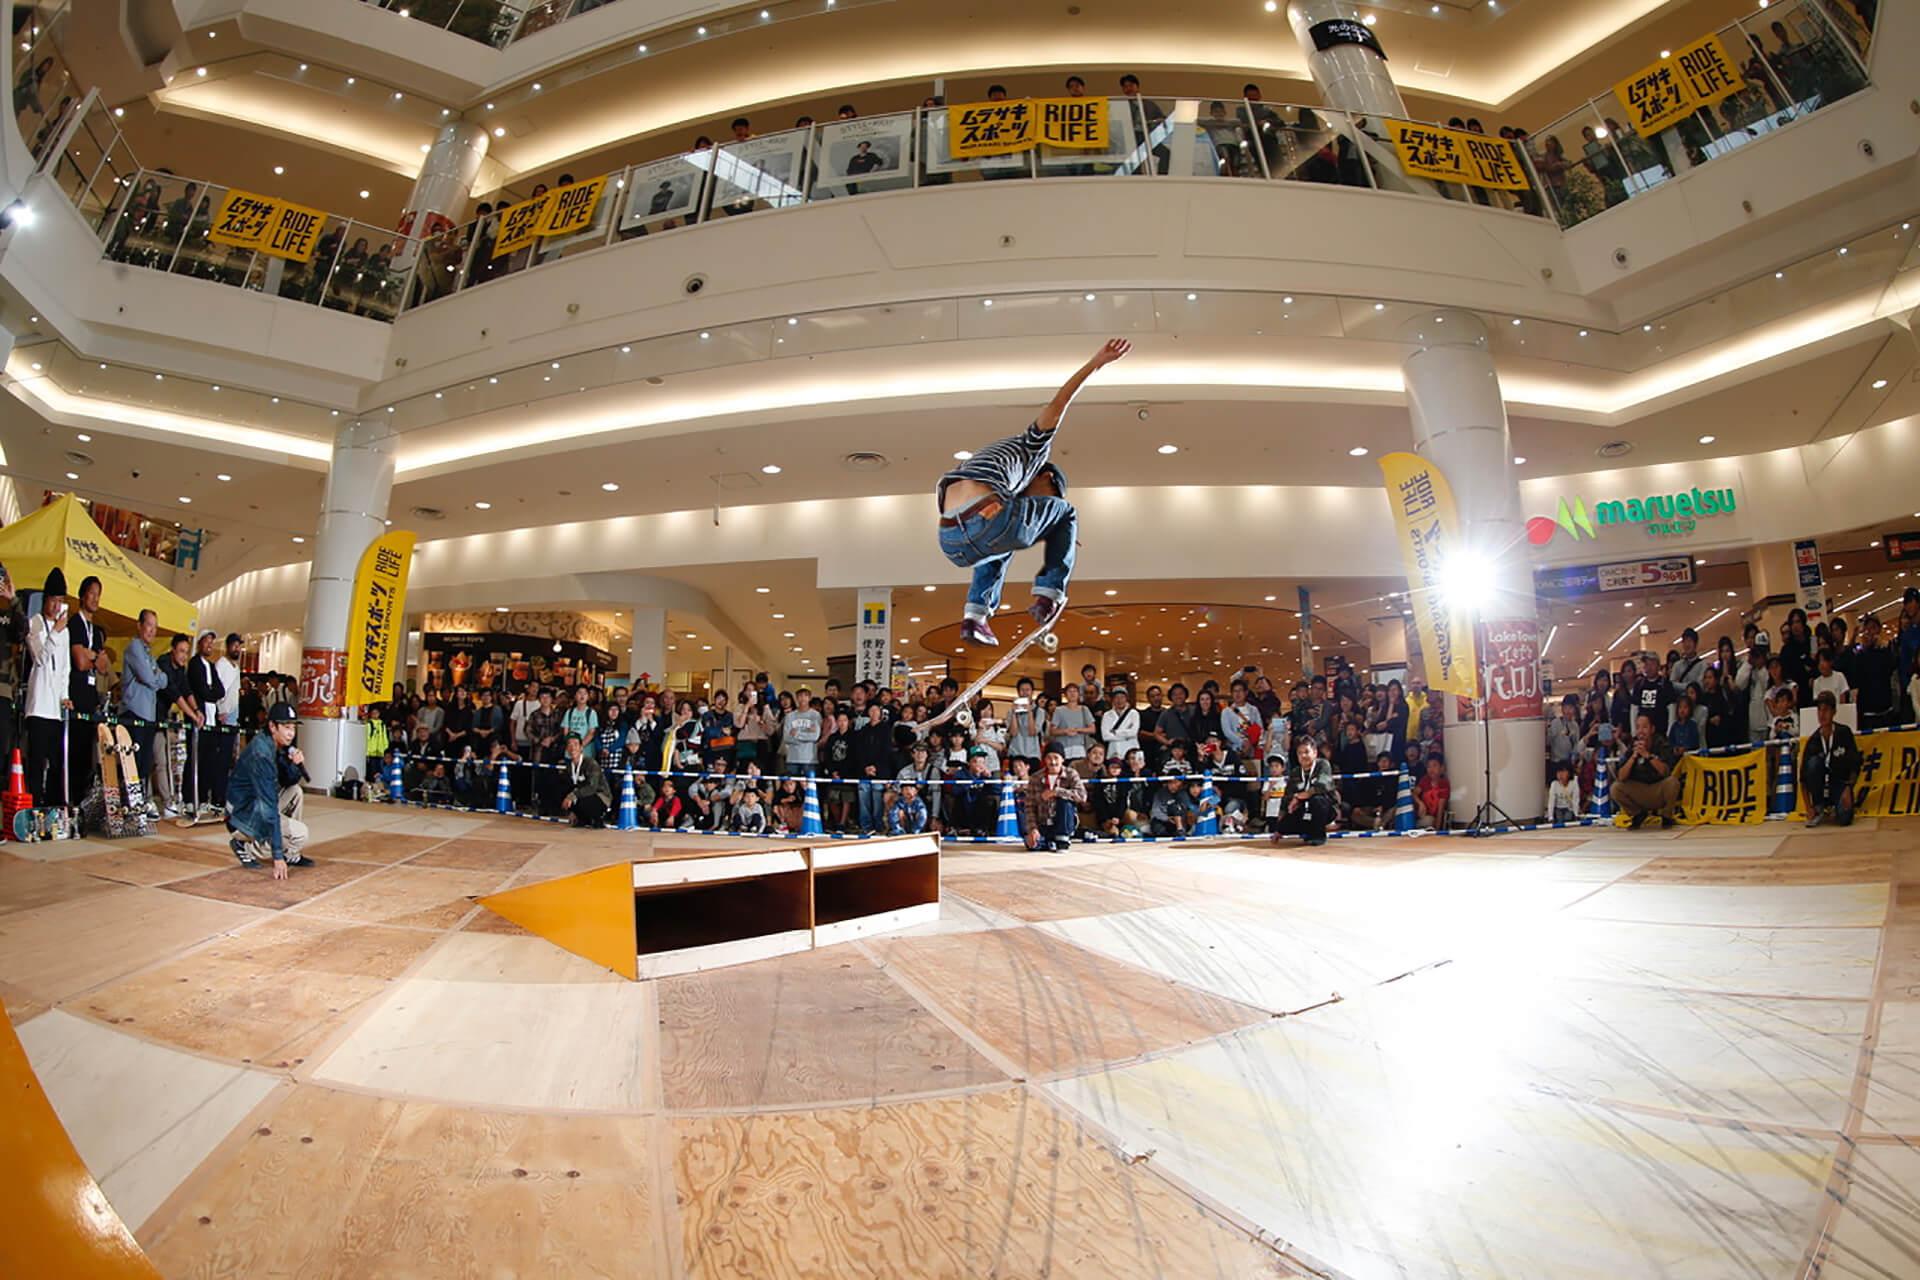 この写真は越谷イオンレイクタウンにて、 スケートボード&BMXスペシャルパフォーマンスショーのパフォーマンスの様子。スケーターが舞っている様子です